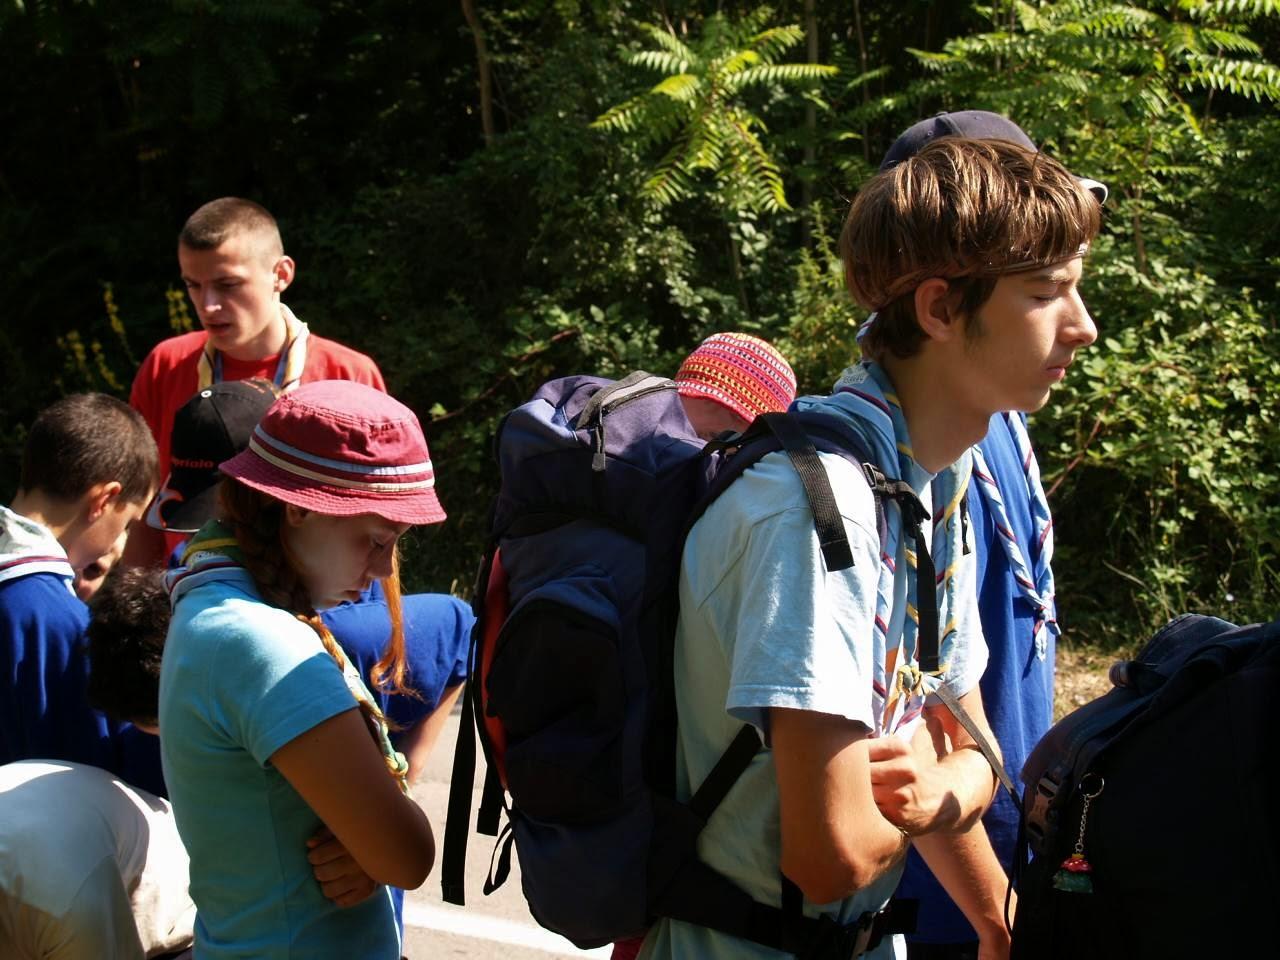 Smotra, Smotra 2006 - P0231029.JPG